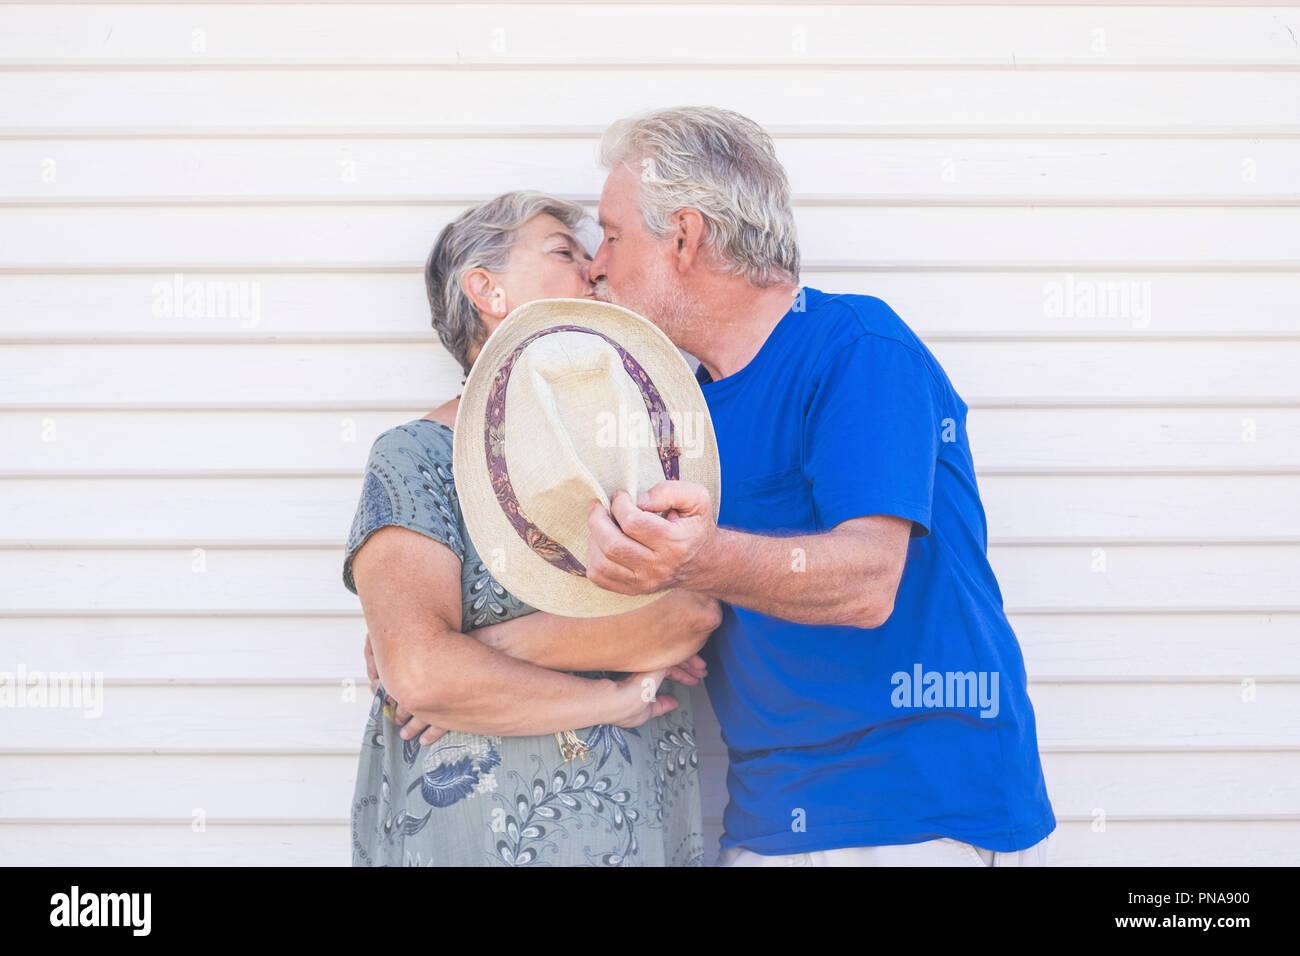 Concepto del día de San Valentín con ancianos hermosa pareja senior besar hidding con un sombrero de color beige con un fondo de madera blanca pared detrás de ellos y el amor. Imagen De Stock